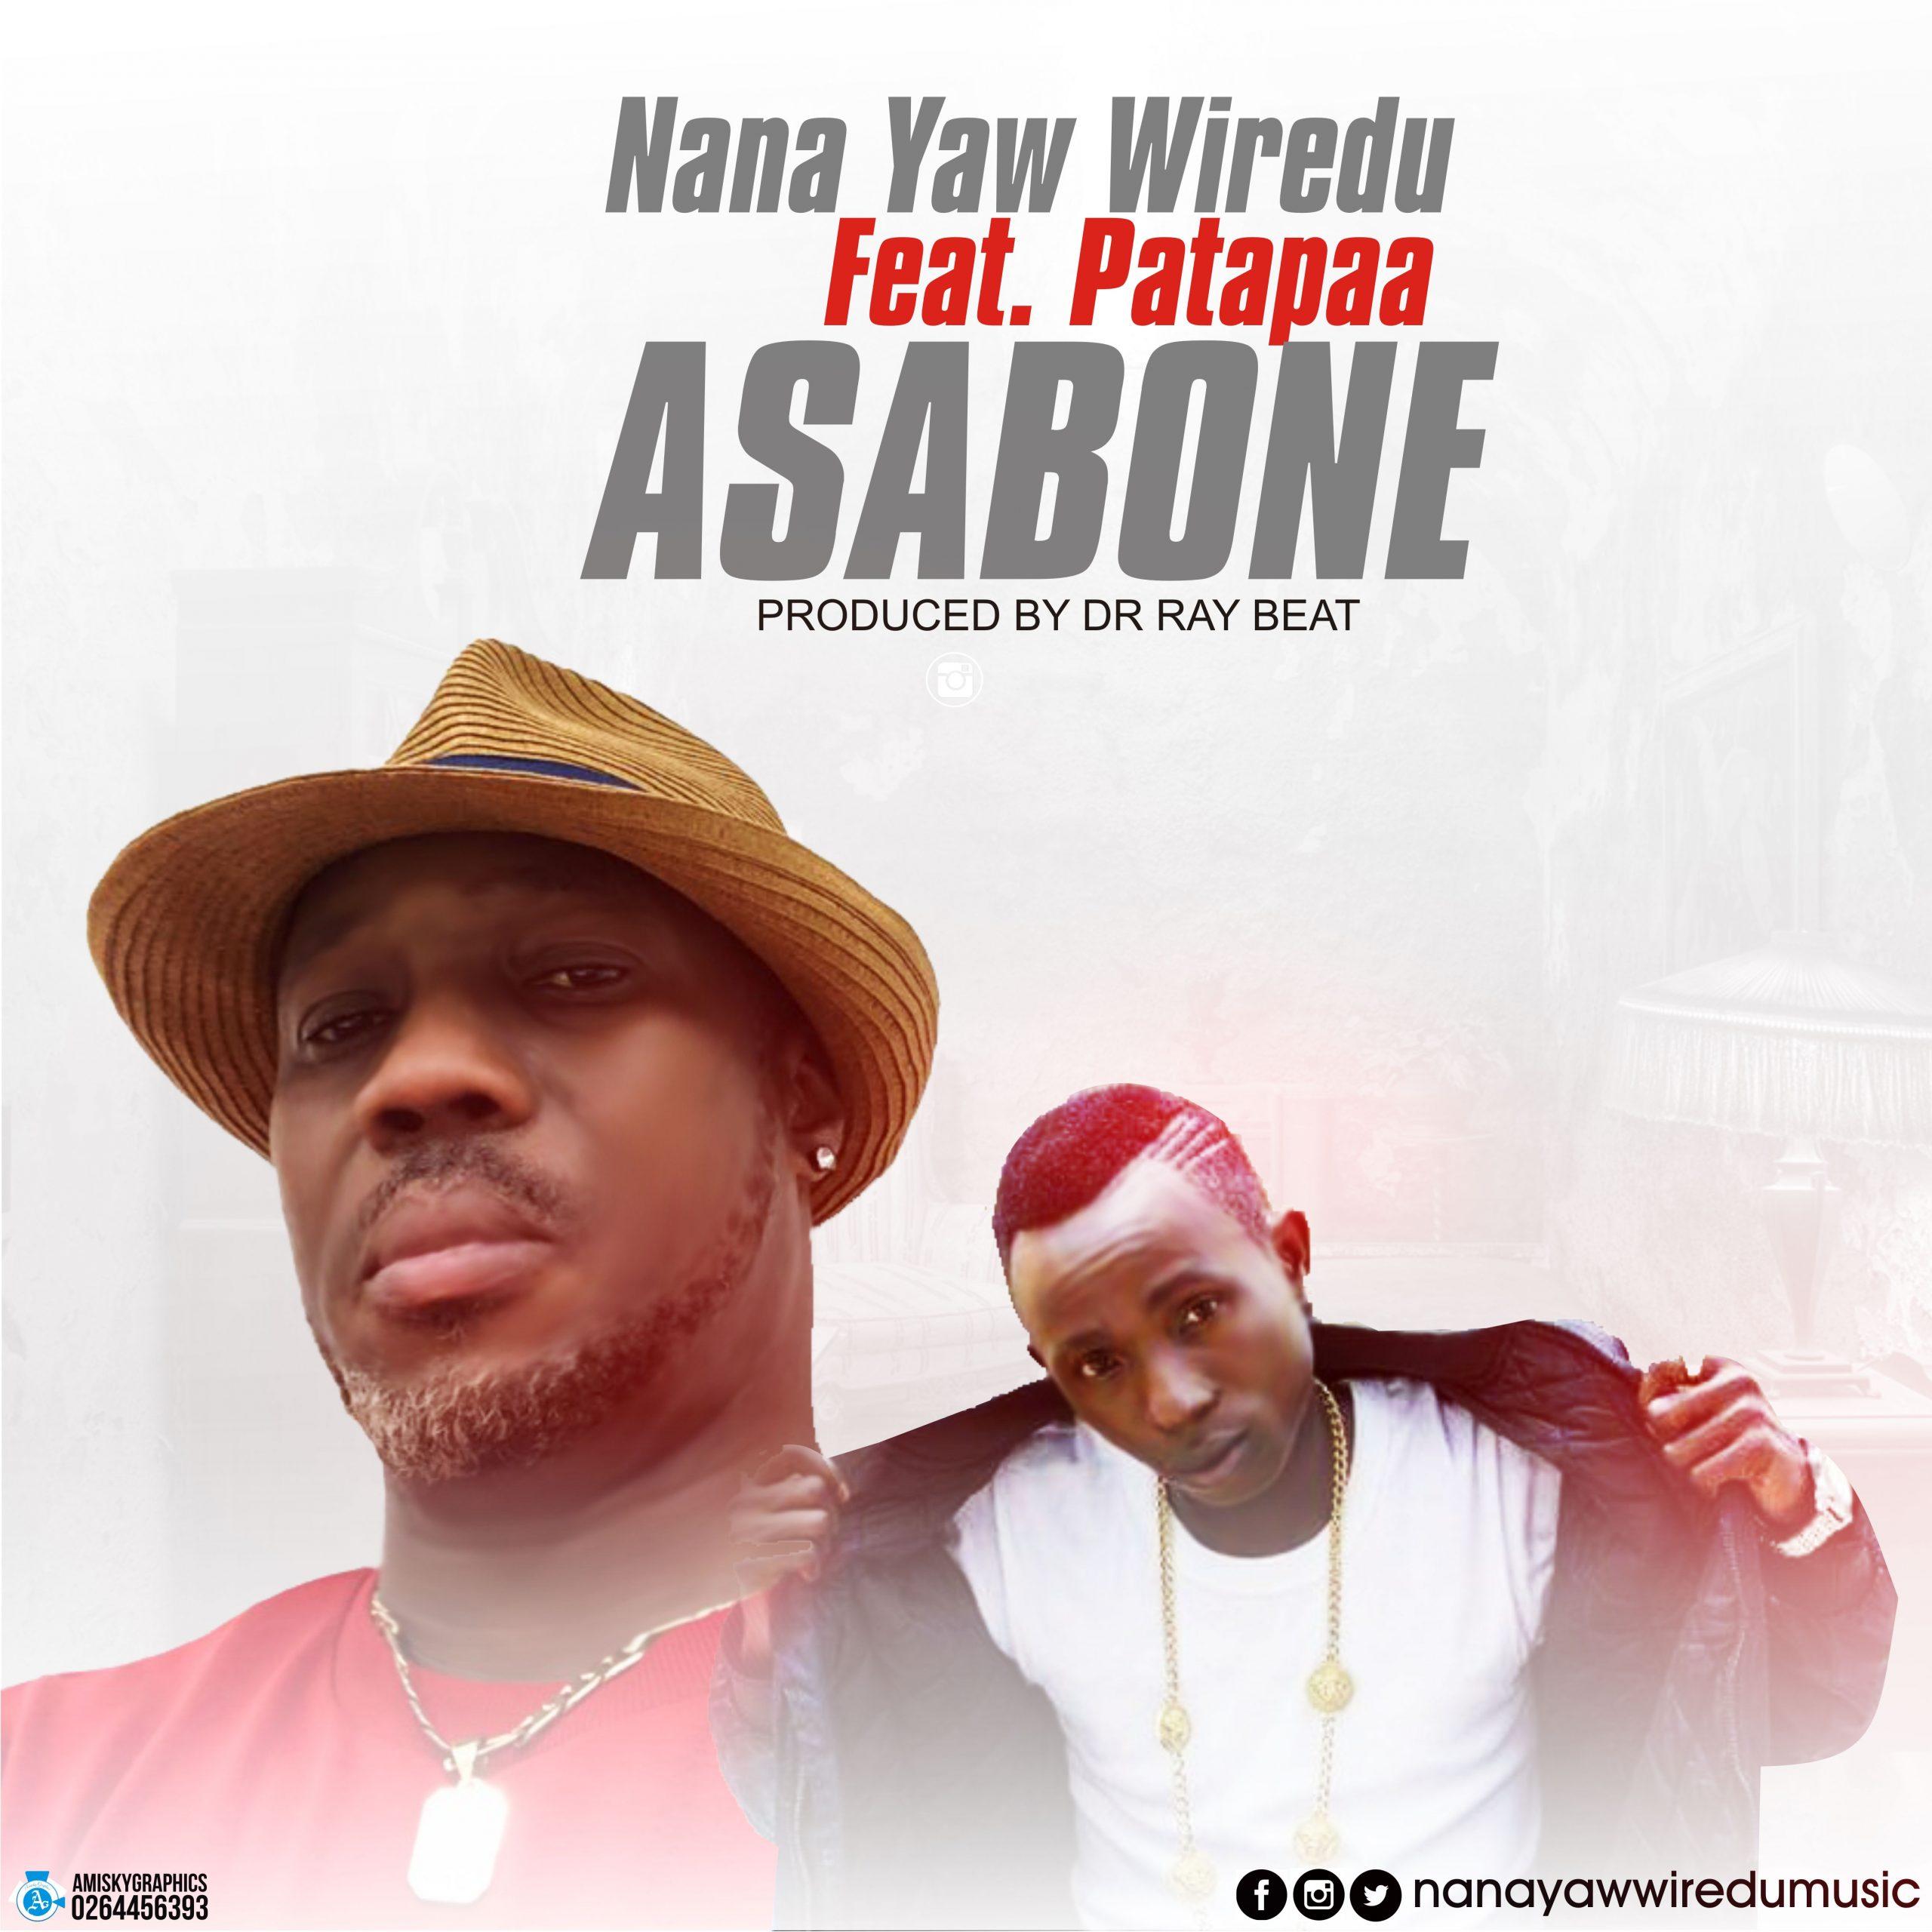 Nana Yaw Wiredu – Asabone ft. Patapaa (Prod. by Drraybeat)